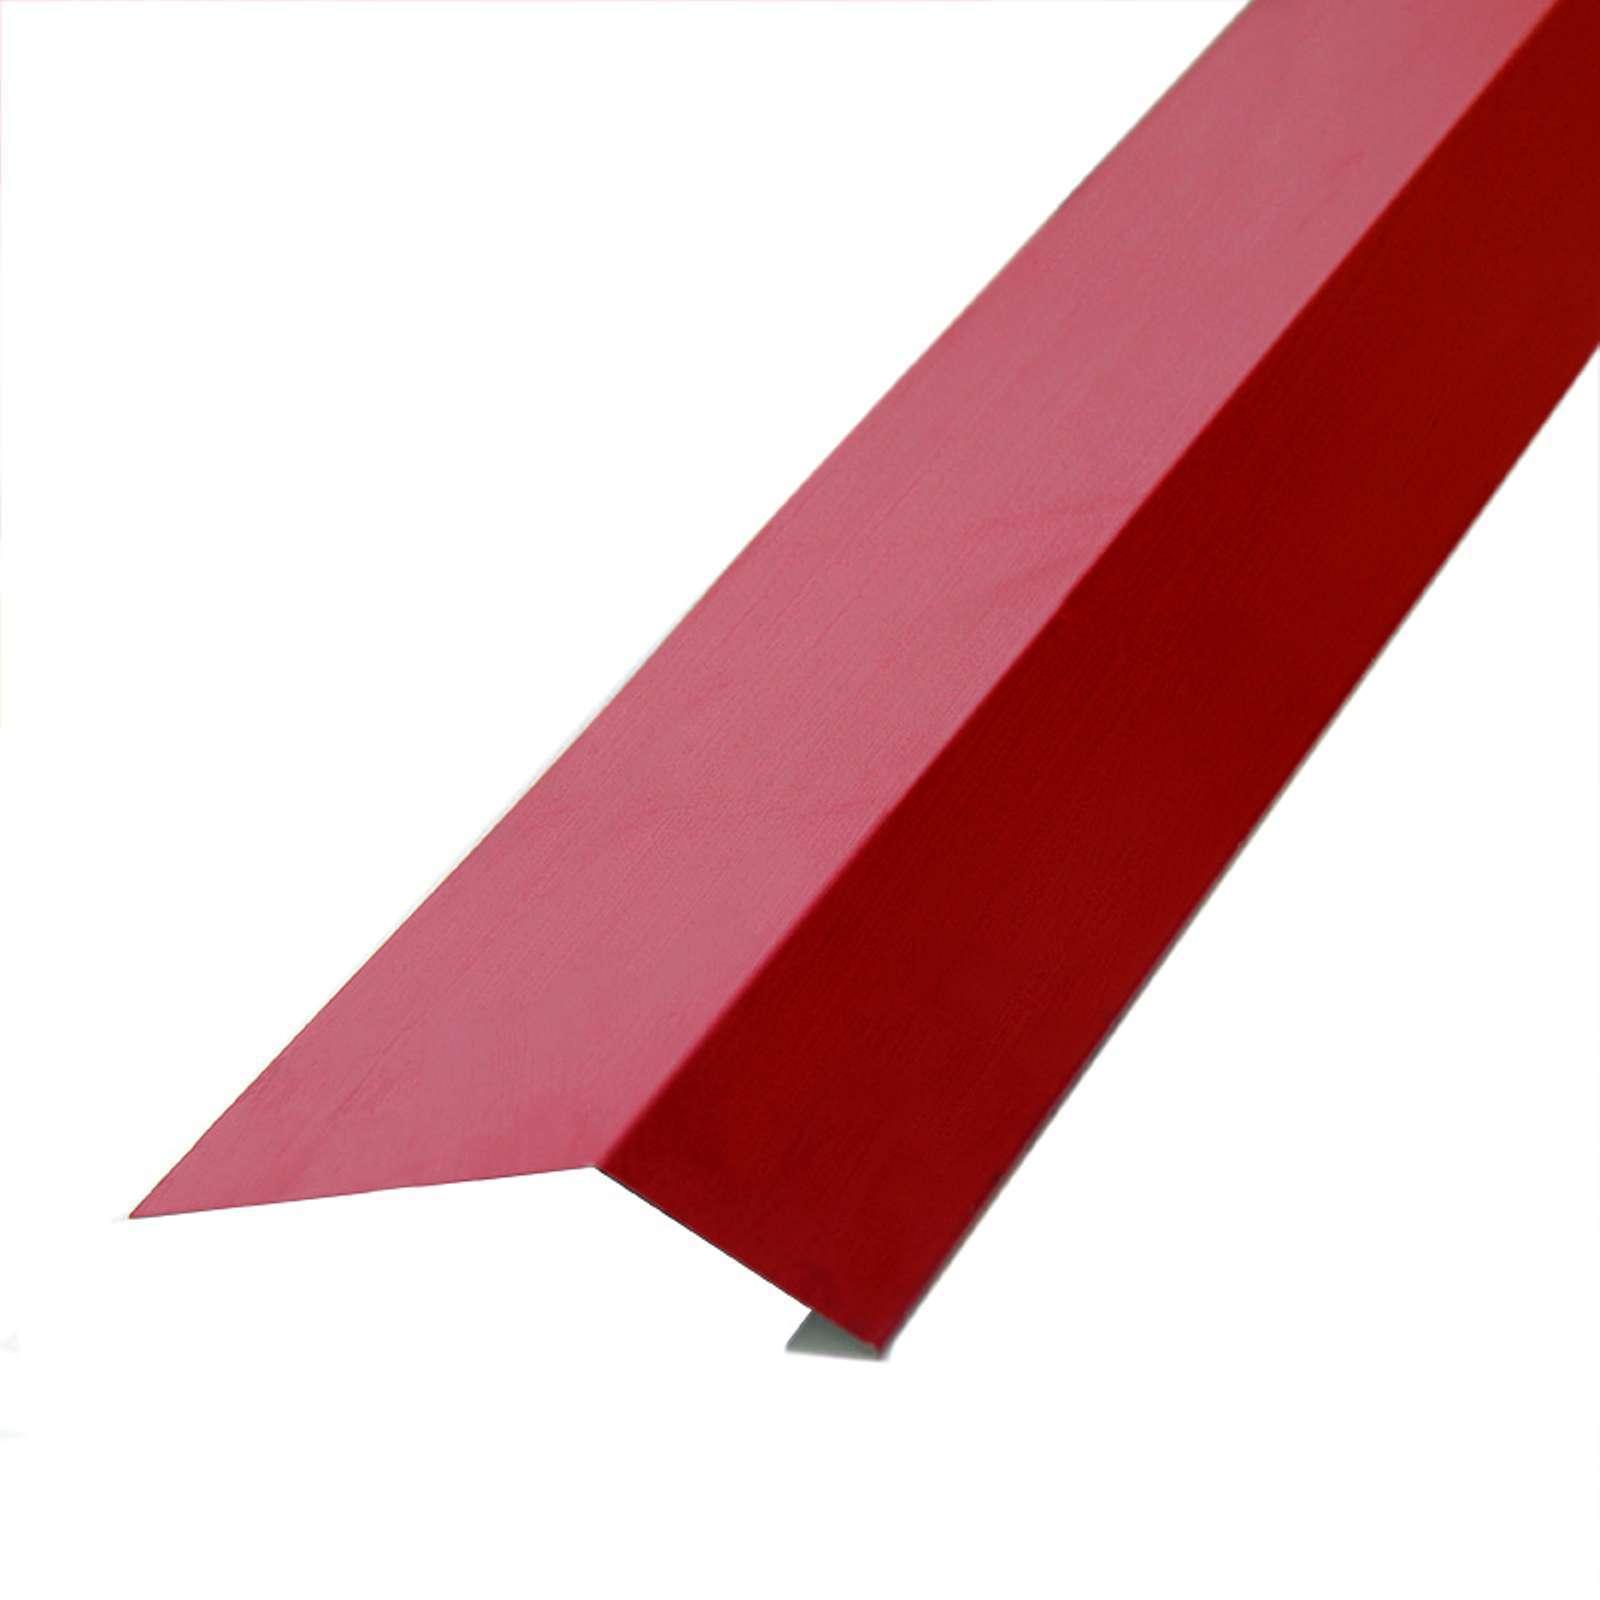 Планка карнизная  69х100мм., полиэстер матовый